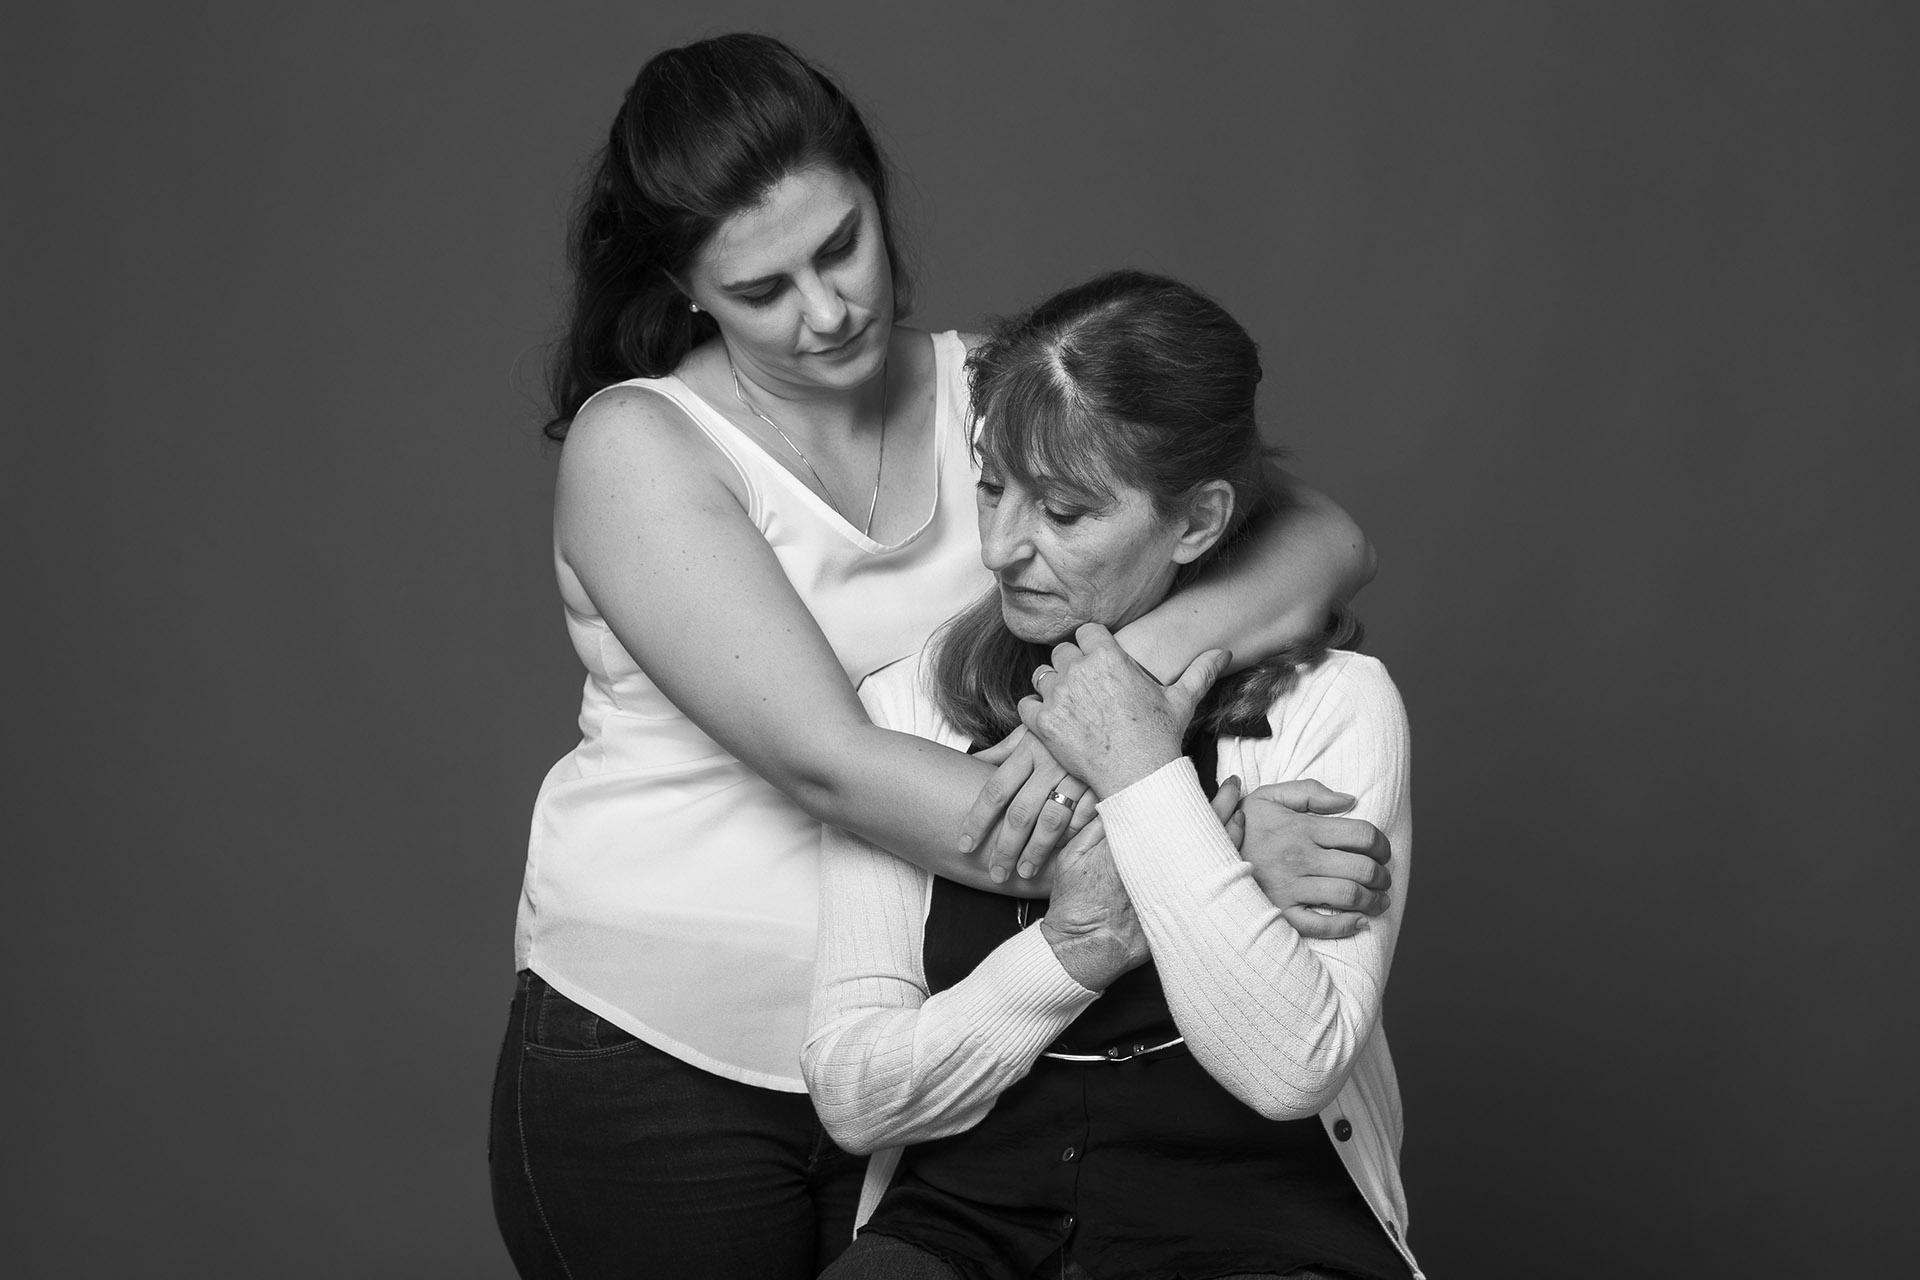 Rosa Barreiros y Paula Cernadas. Sebastián Barreiros, el hijo de Rosa, tenía 5 años cuando murió en el atentado, la misma edad de Paula Cernadas, que vivía en el edificio frente a la AMIA y logró sobrevivir